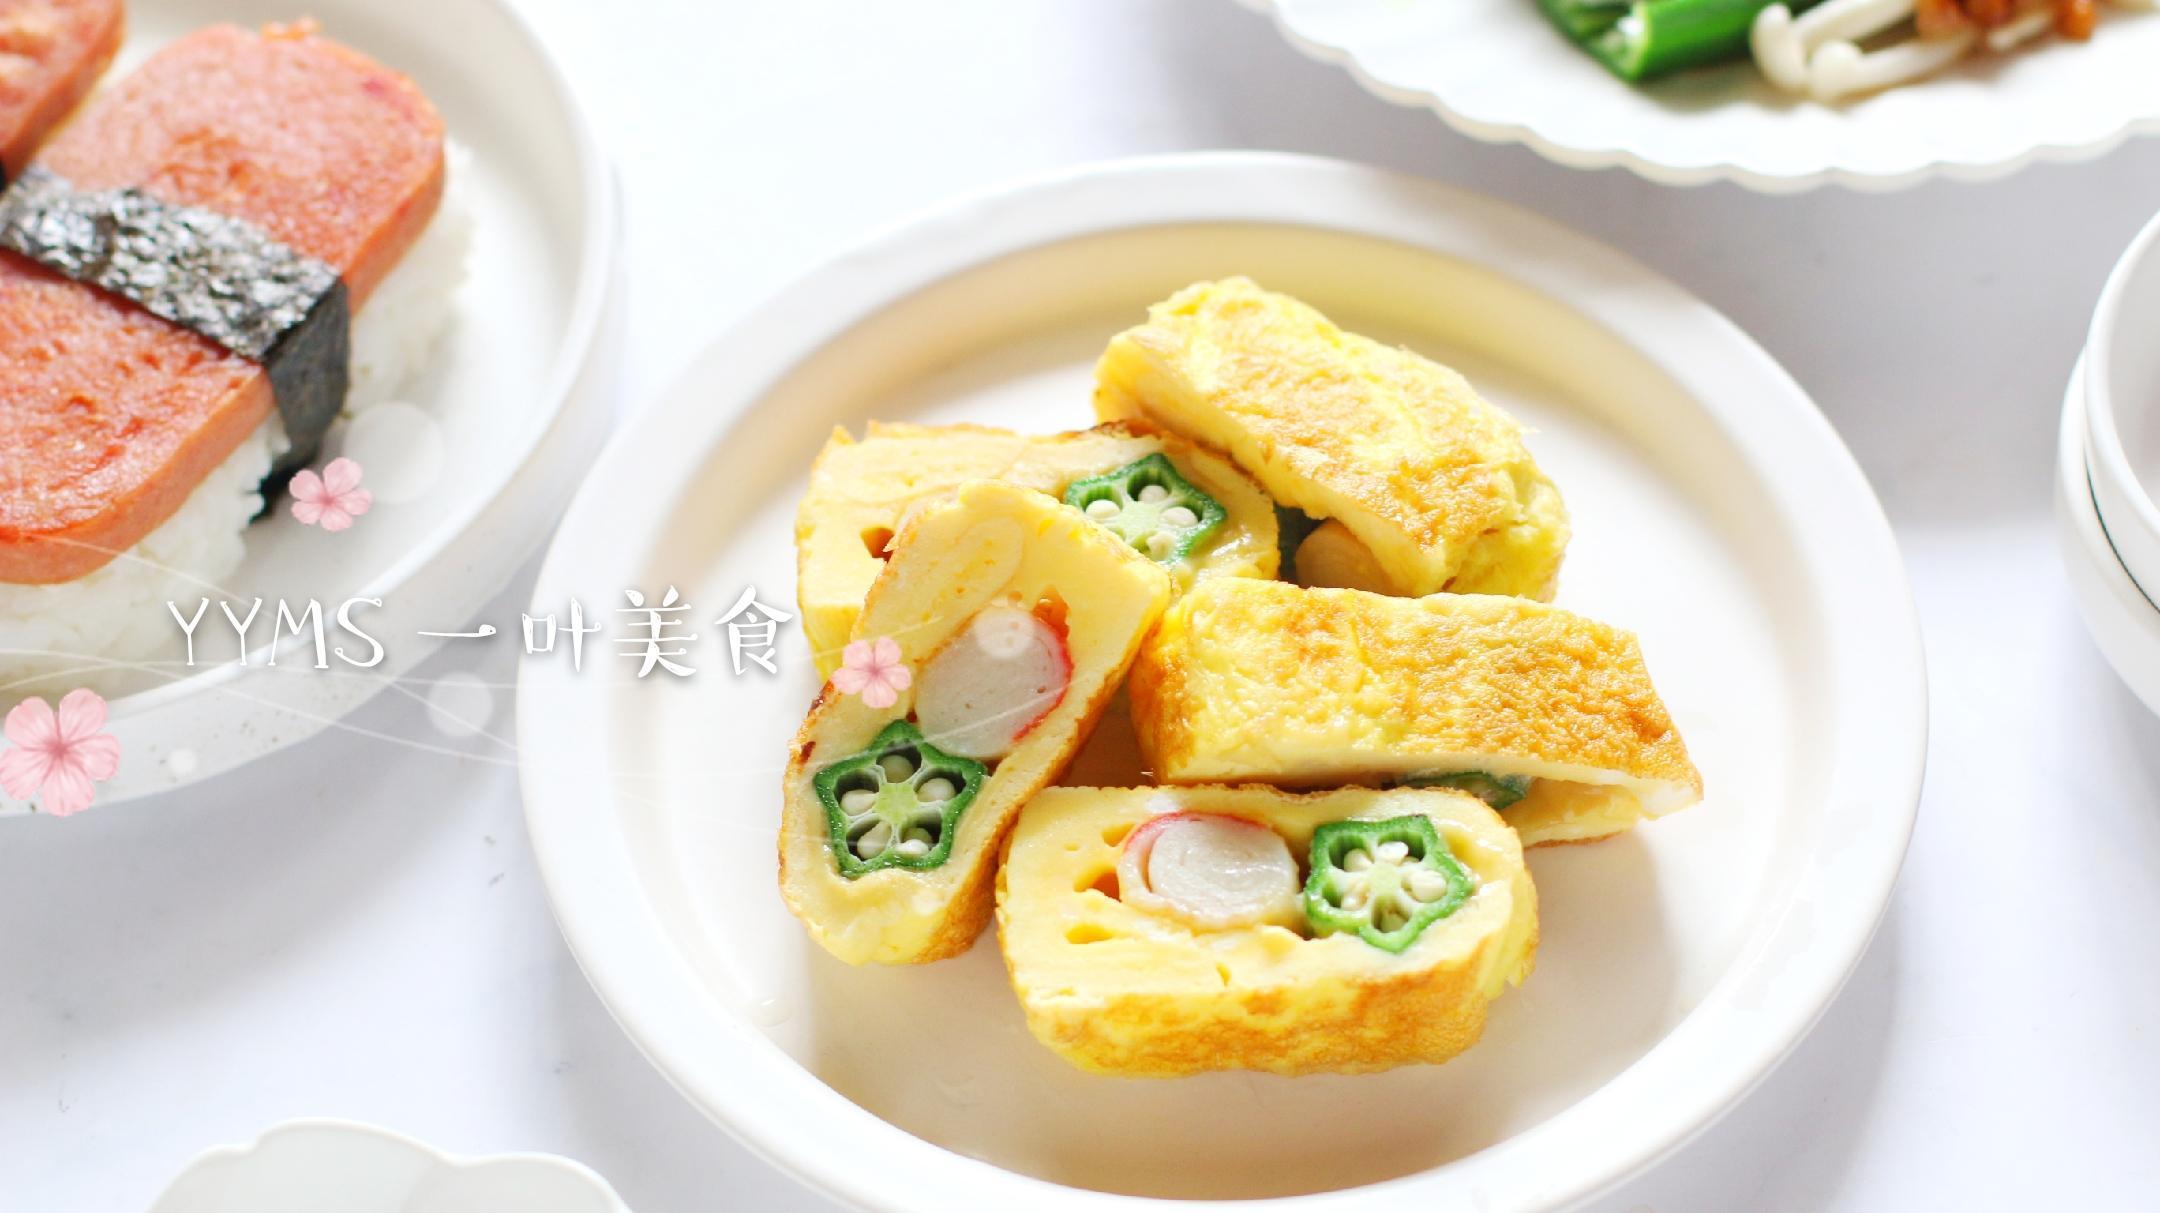 便当,让孩子爱上吃饭,米饭、鸡蛋新做法,荤素搭配、营养美味(图7)